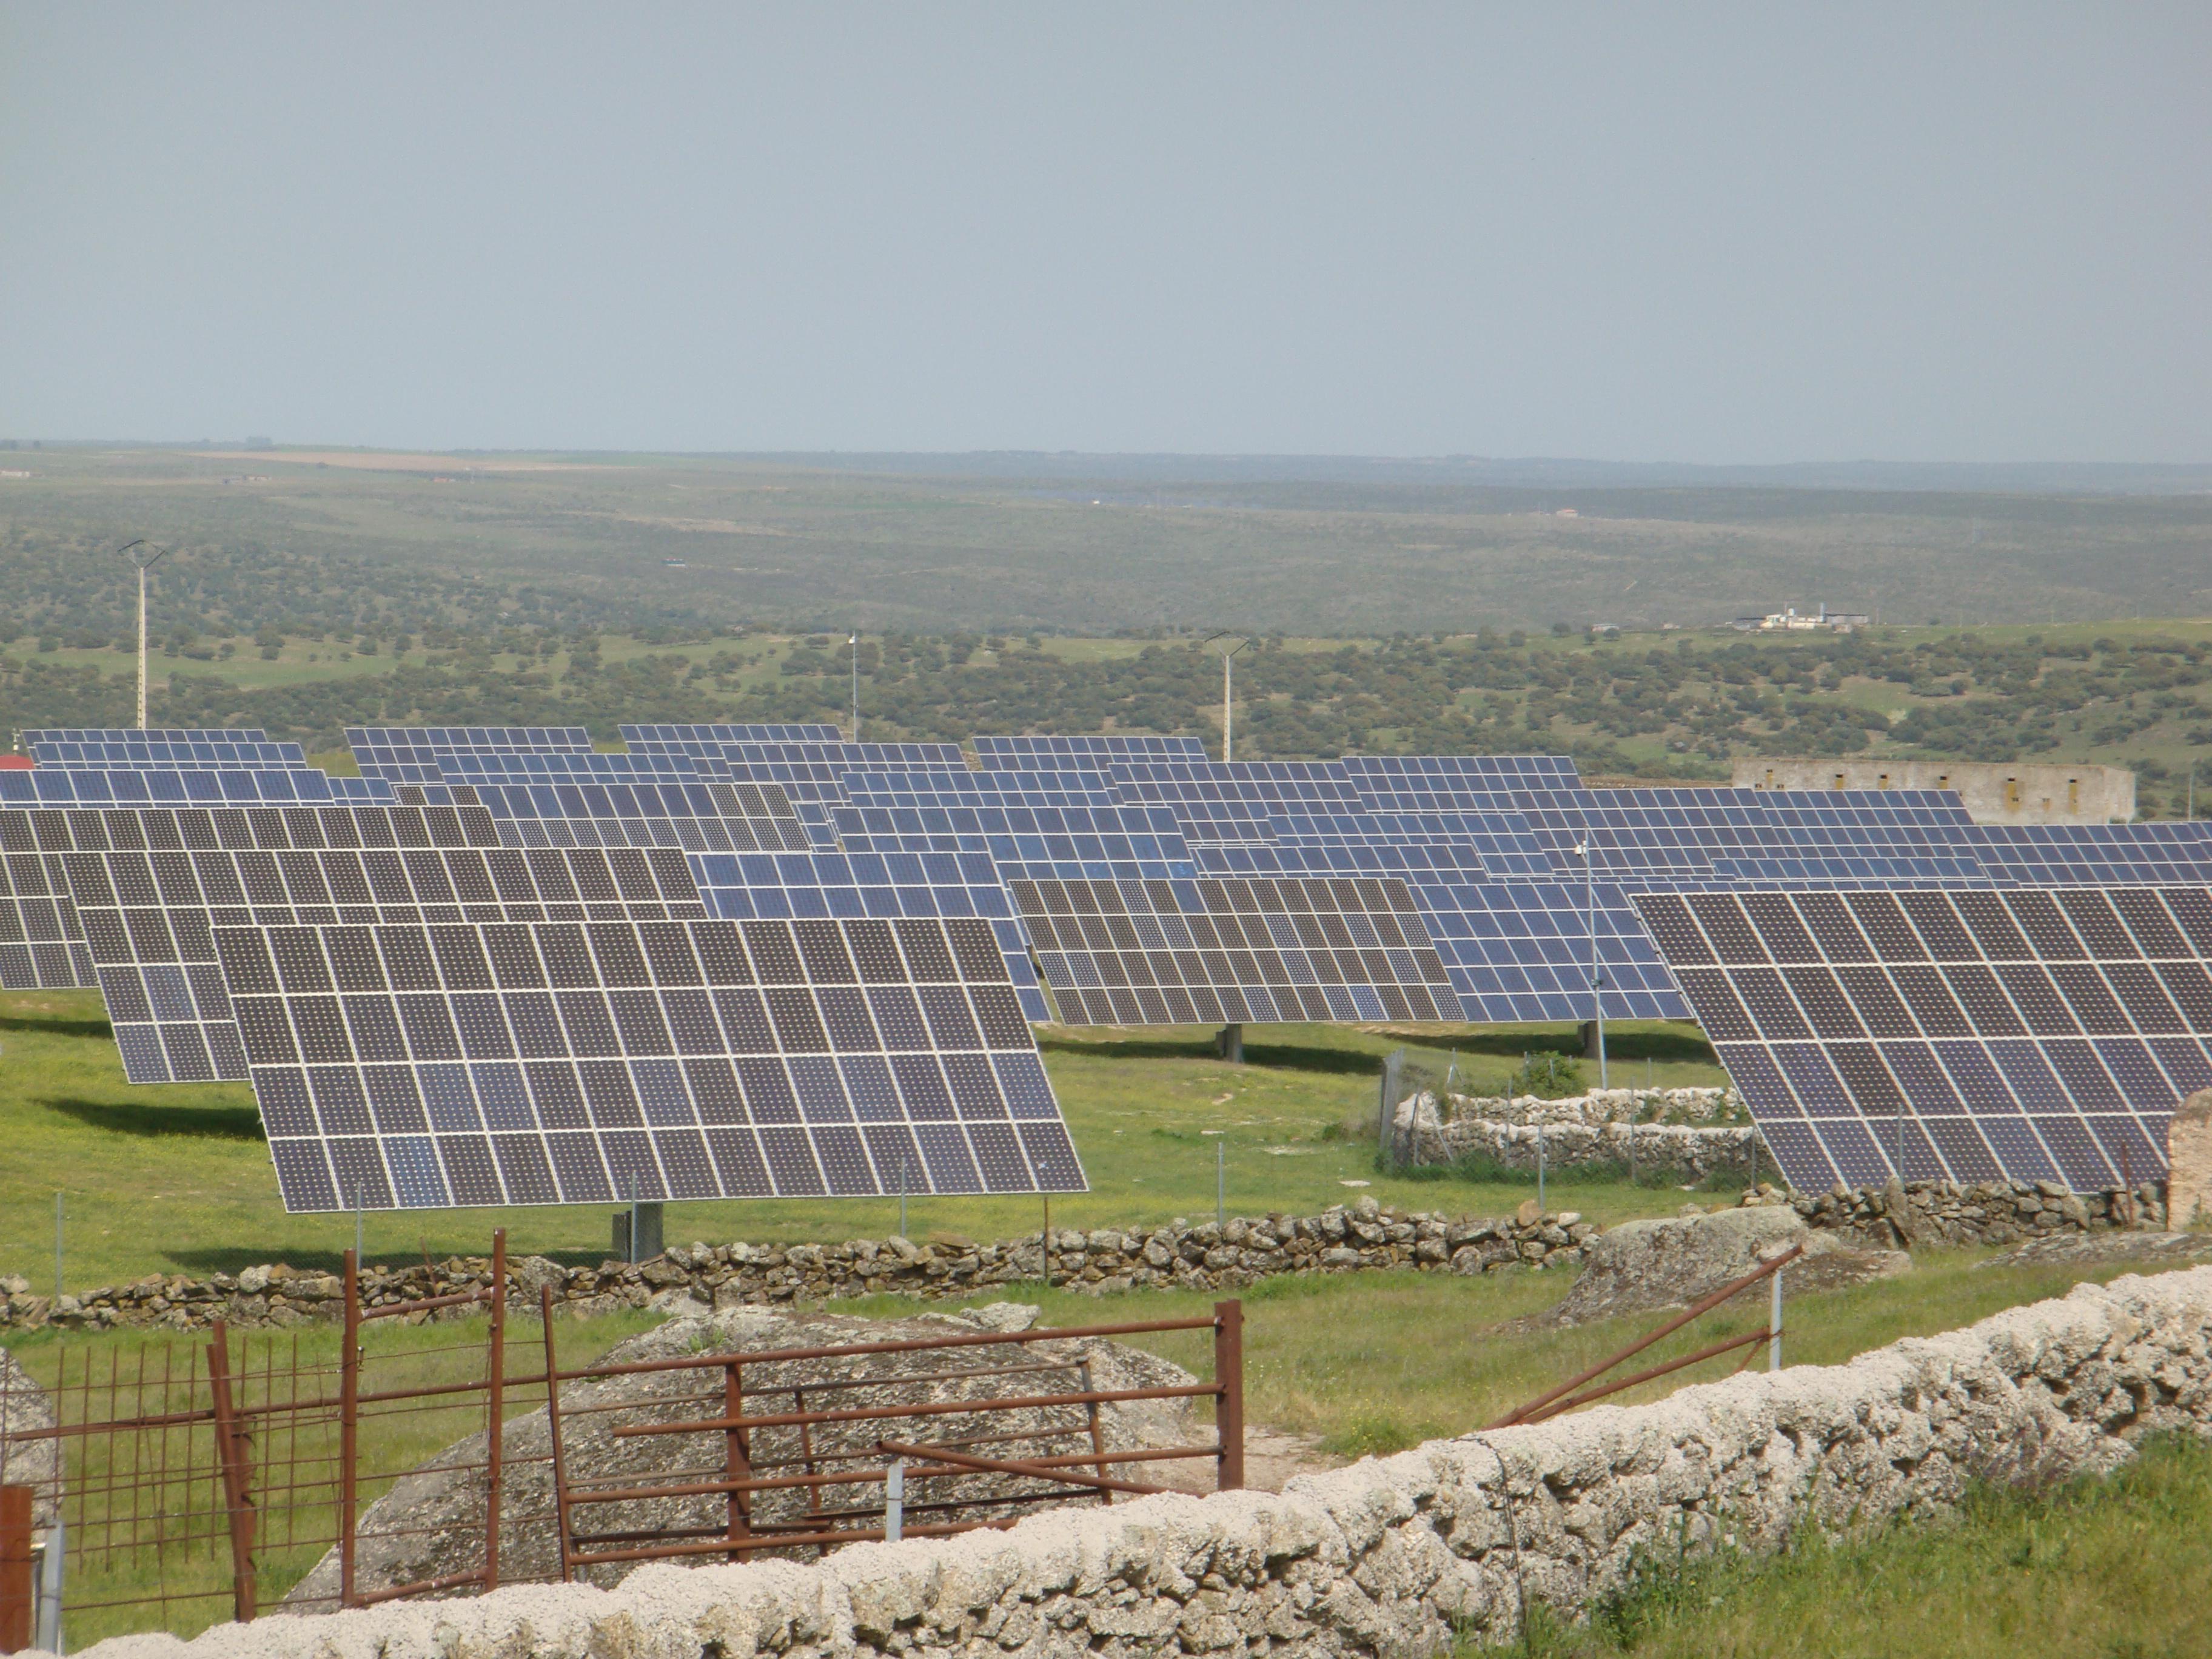 Un intento de robo frena de nuevo la producción de la planta solar de la finca 'Los Maderos'